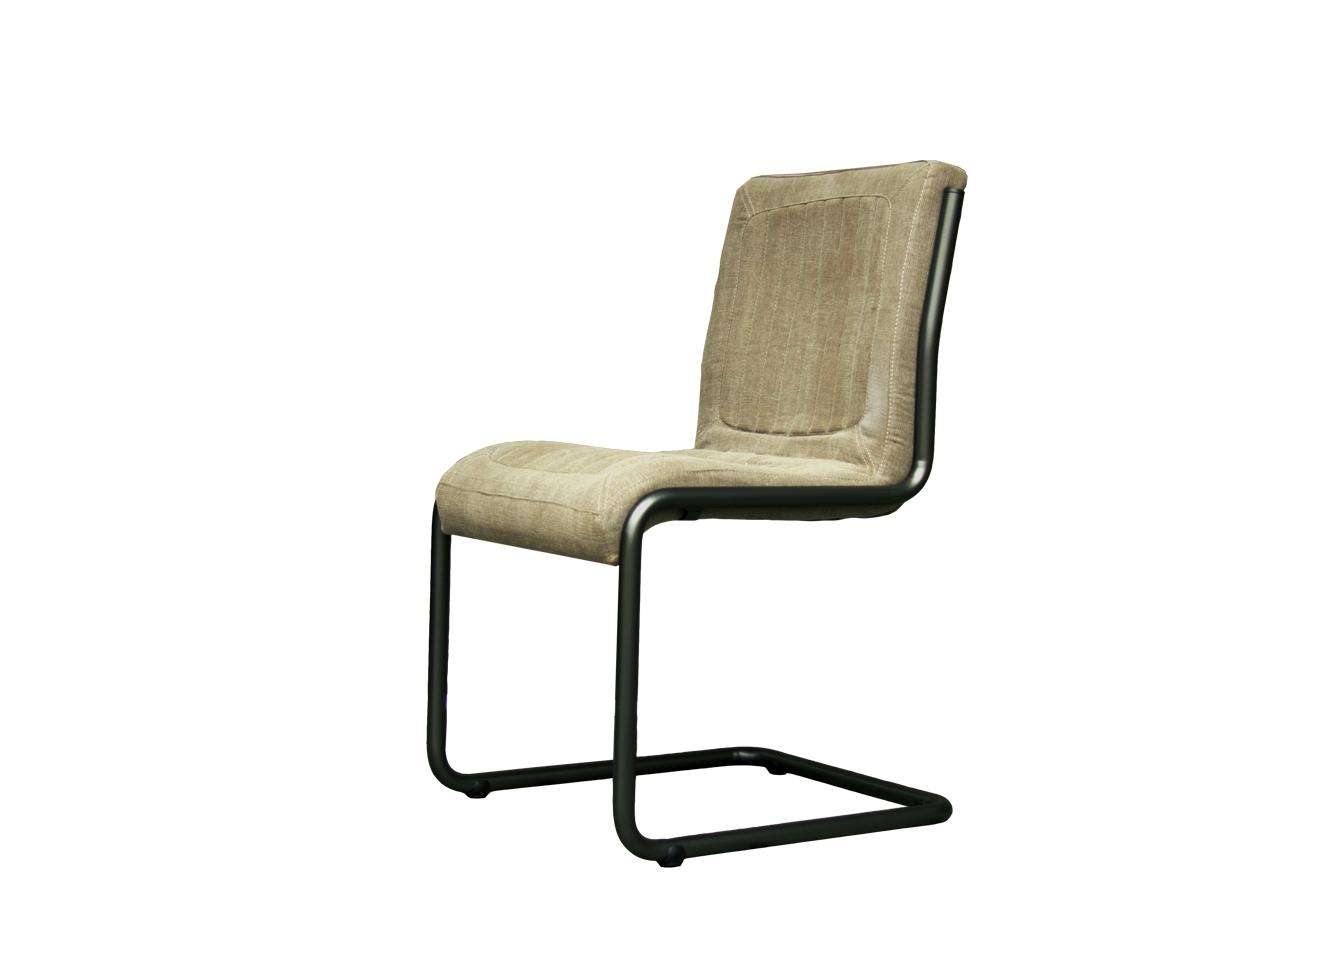 Стул КарлОбеденные стулья<br><br><br>Material: Лен<br>Length см: None<br>Width см: 61<br>Depth см: 55<br>Height см: 85